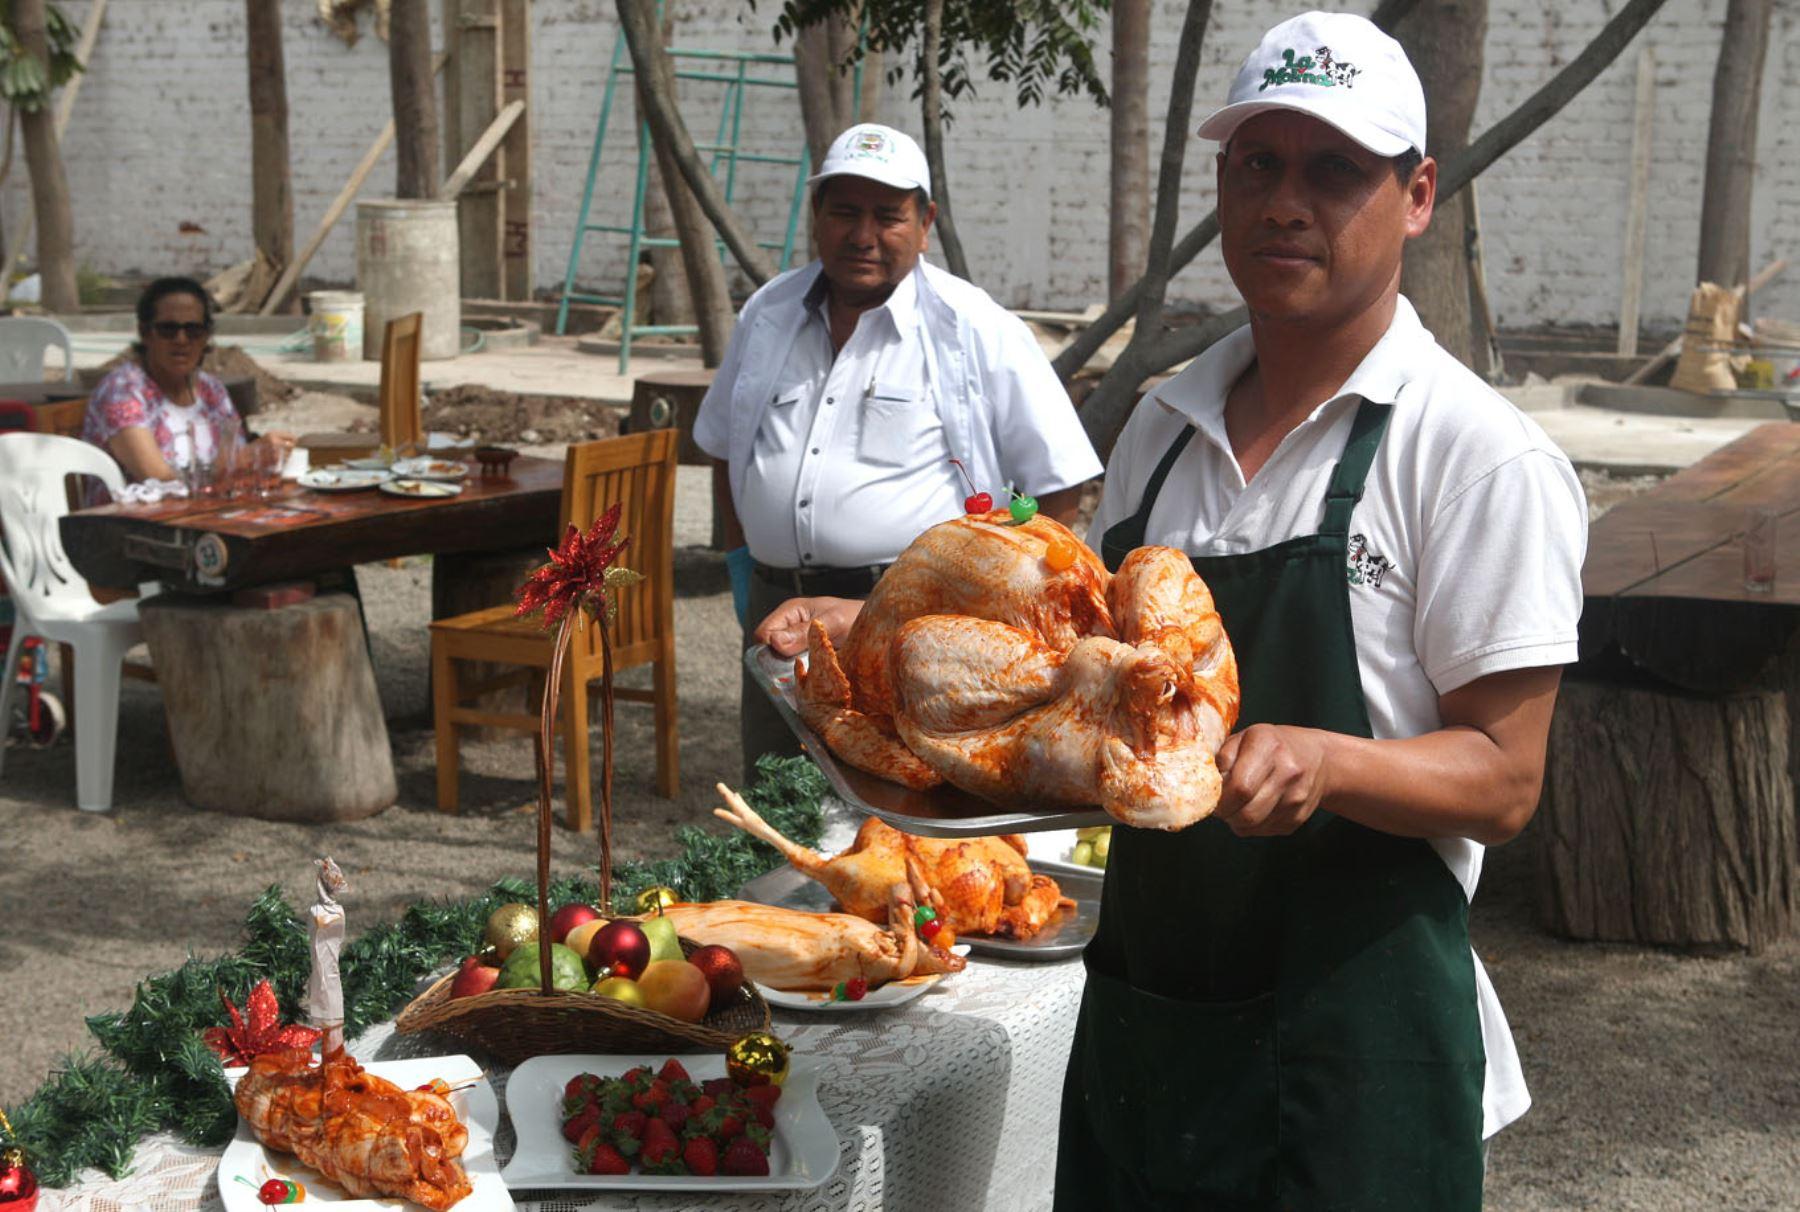 Carne de cuy y gallina se presentan como opciones for Opciones de cenas saludables